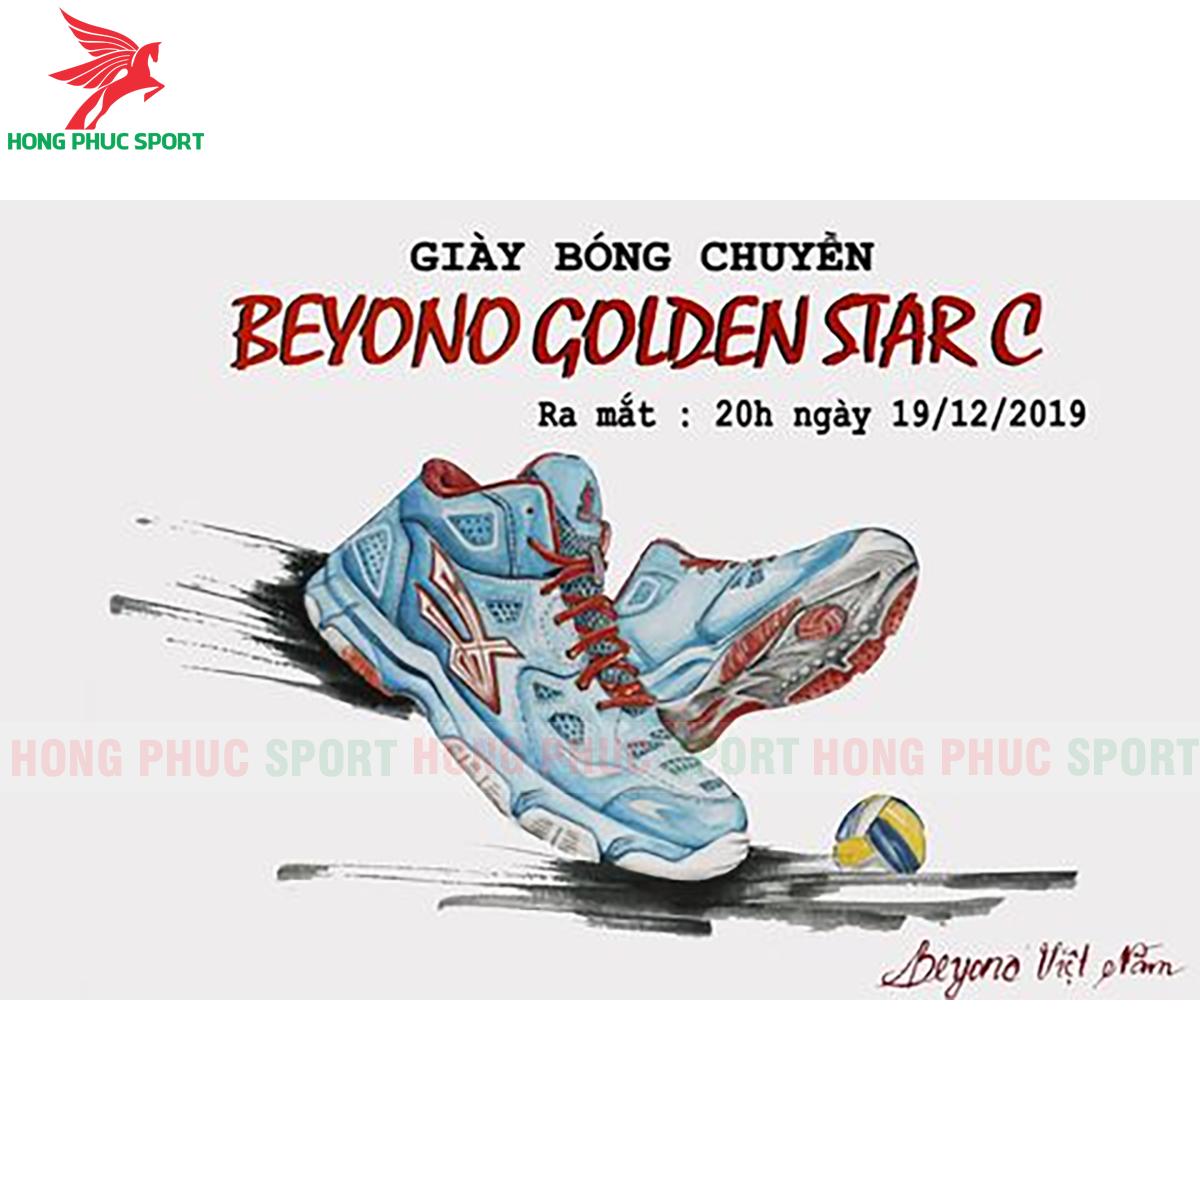 https://cdn.hongphucsport.com/unsafe/s4.shopbay.vn/files/285/giay-bong-chuyen-beyono-golden-star-c-mau-xanh-ngoc-5f817f80cc63e.png